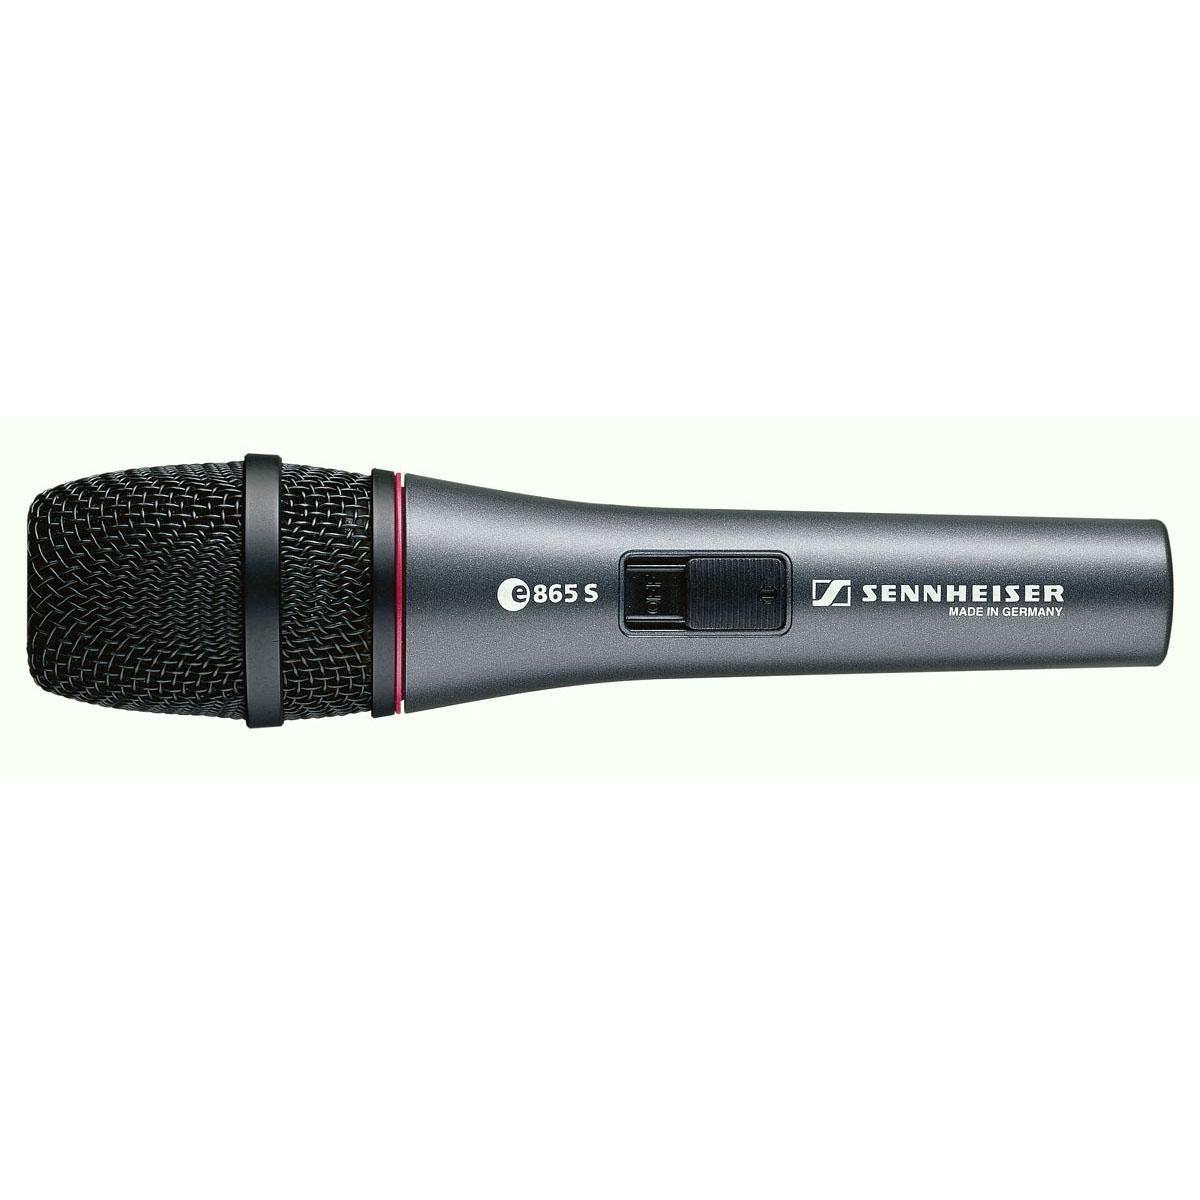 Afbeelding van Sennheiser E 865s zangmicrofoon condensator met schakelaar